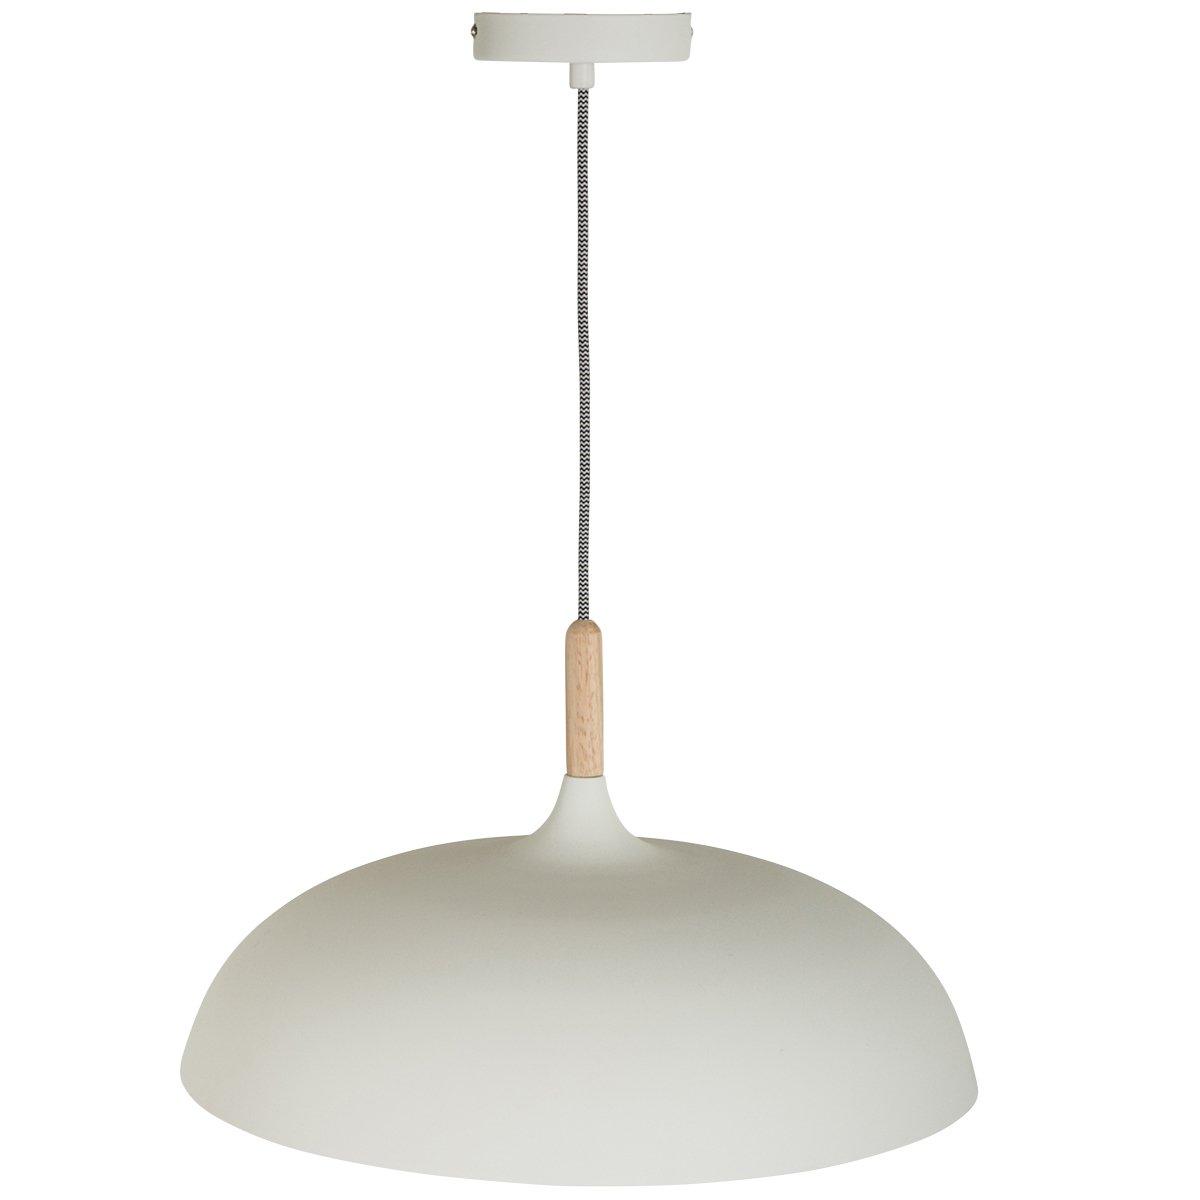 Steinhauer Design hanglamp Hella 45 Steinhauer 7731W